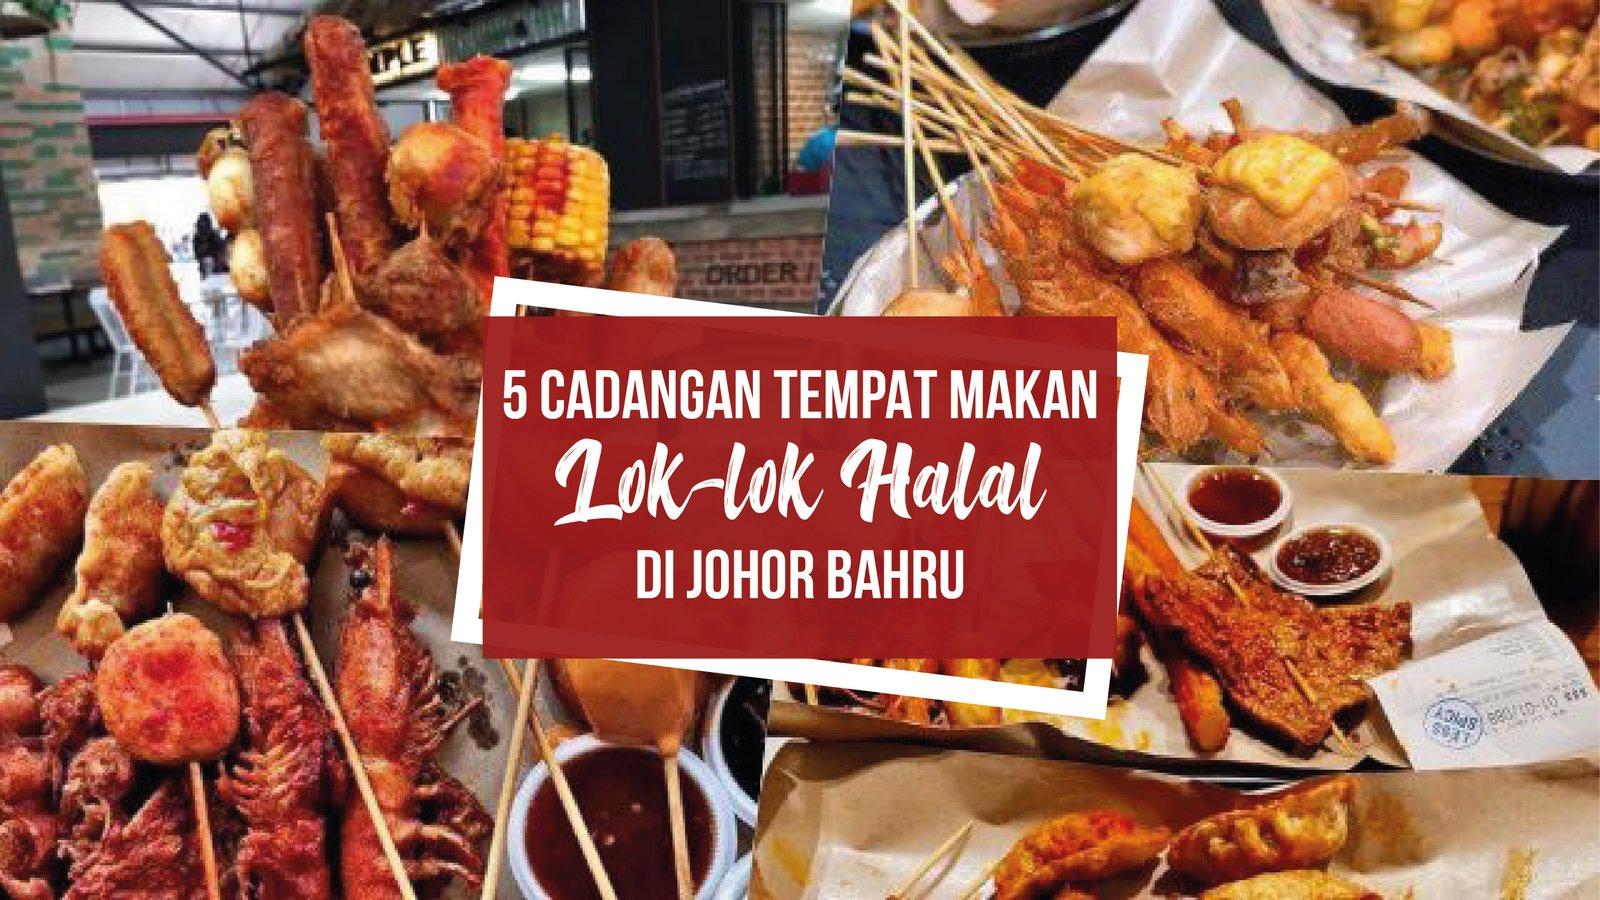 5 Cadangan Tempat Makan Lok Lok Halal di Johor Bahru